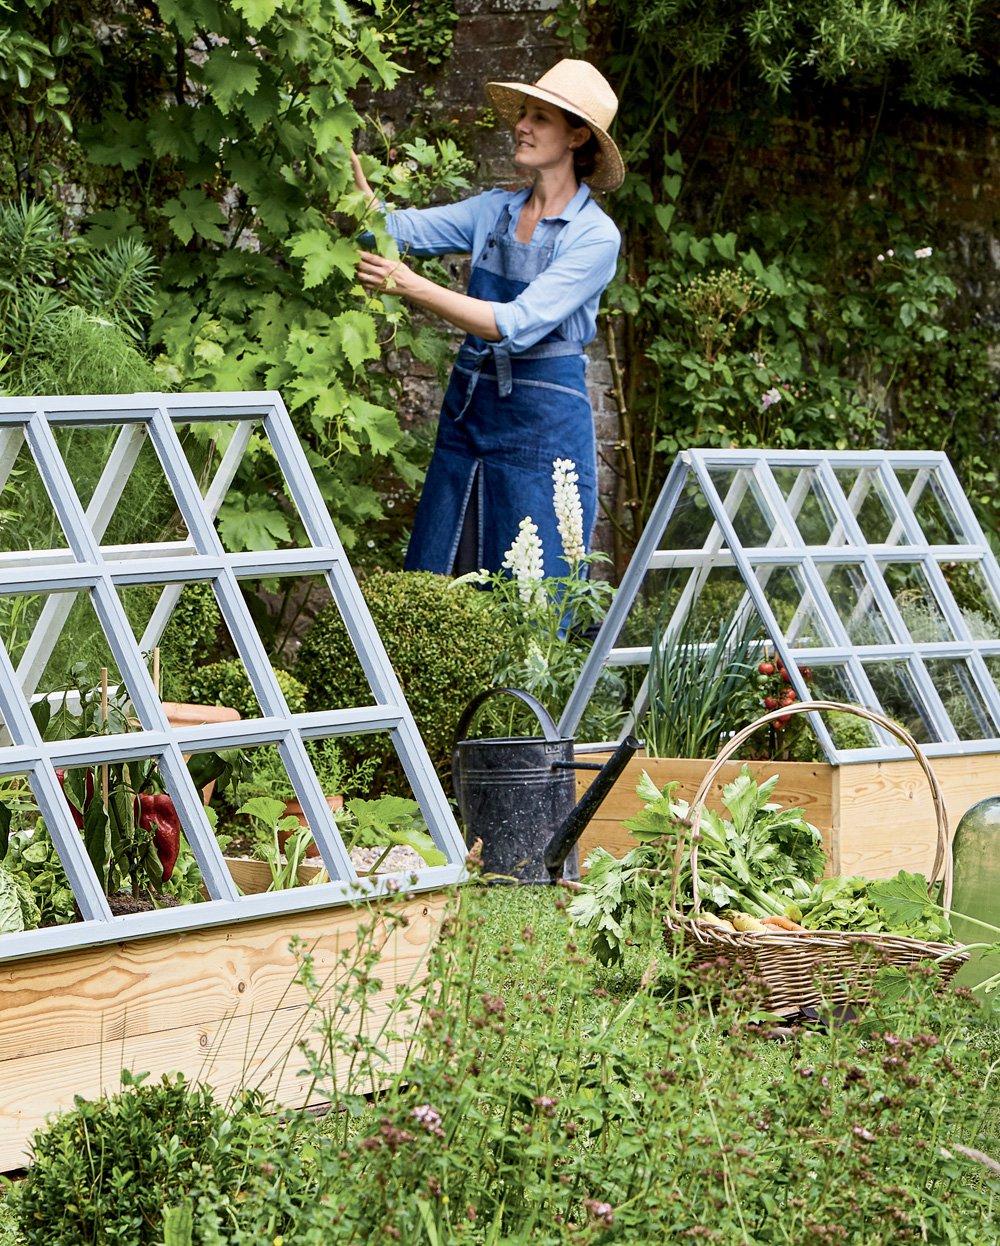 Créer Des Serres Pour Faire Pousser Les Tomates Dans Son ... intérieur Faire Sa Serre De Jardin Soi Meme